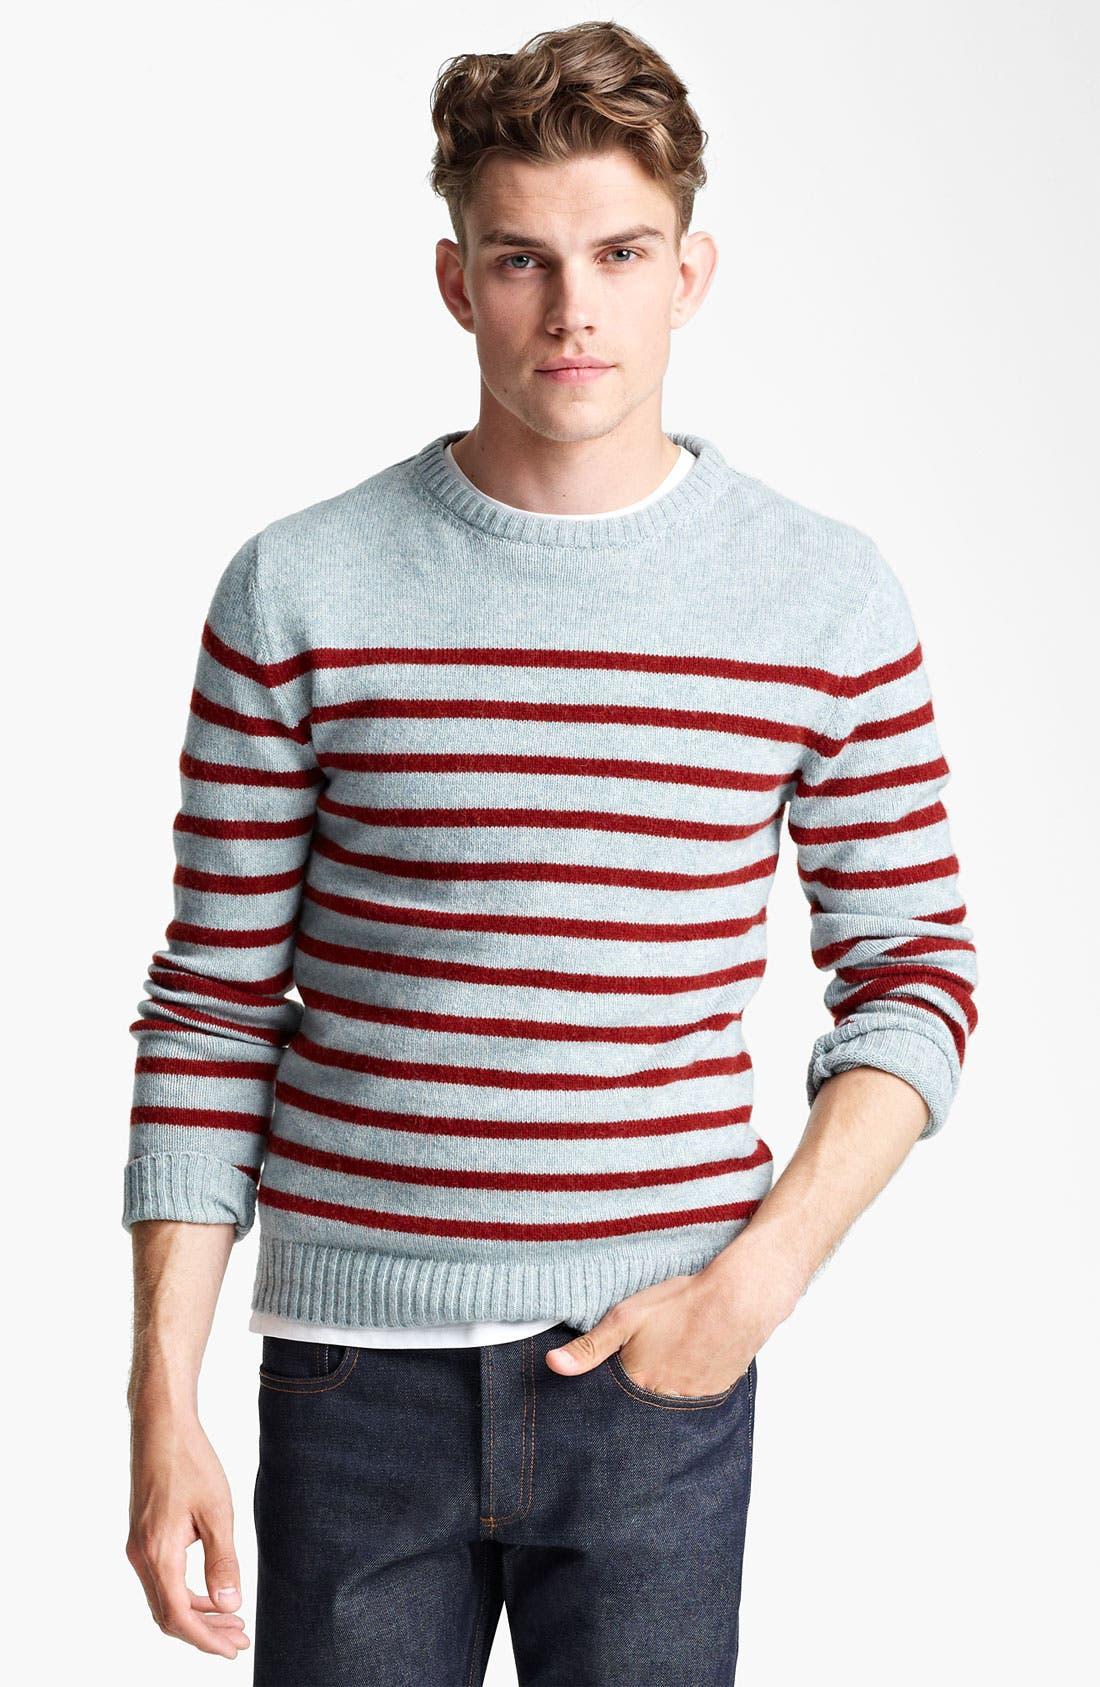 Alternate Image 1 Selected - A.P.C. Stripe Crewneck Sweater